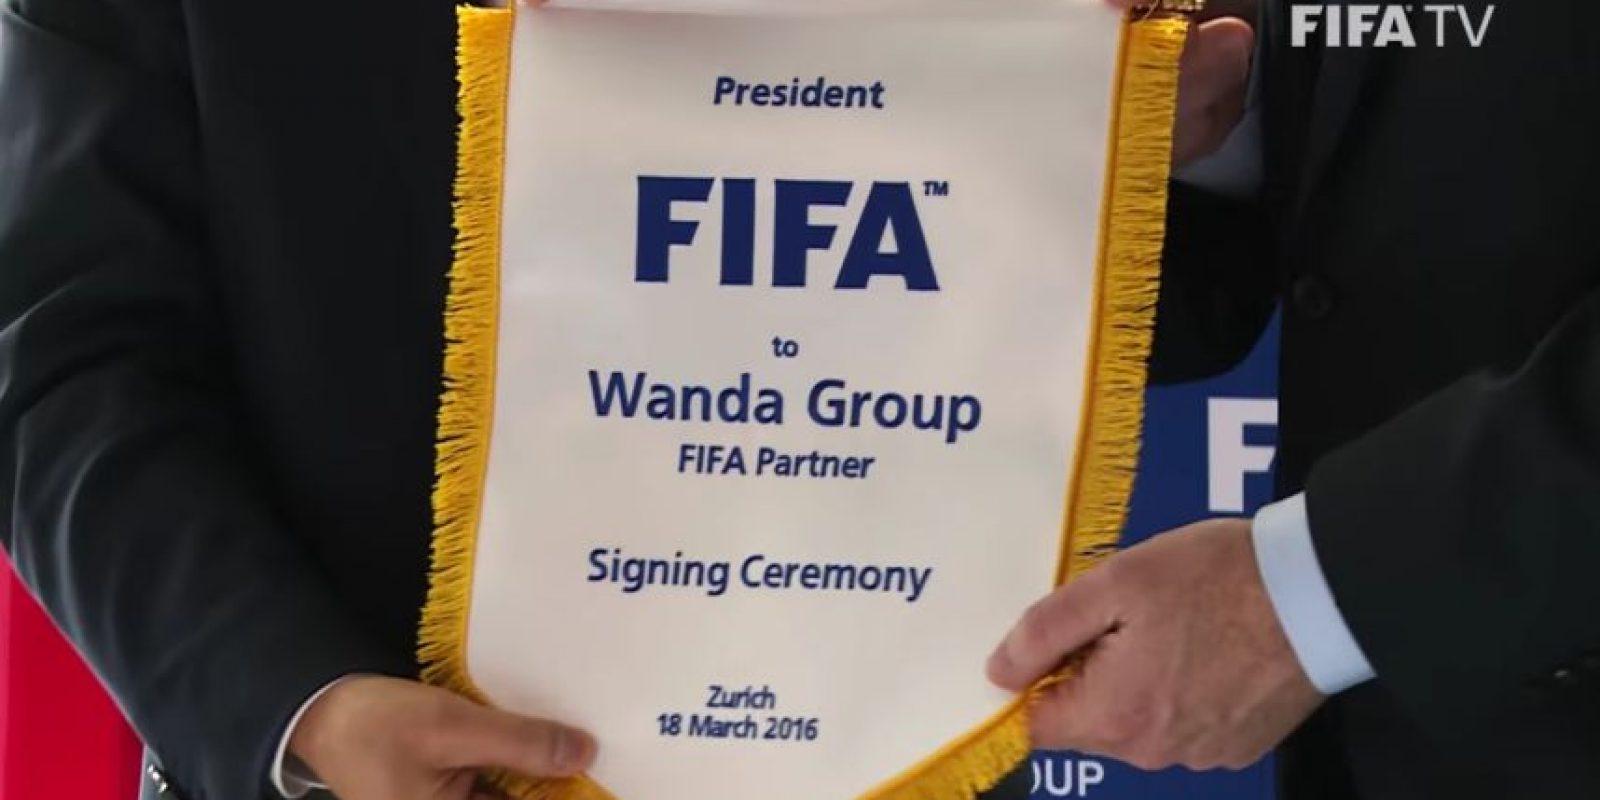 La FIFA aprobó un nuevo torneo de selecciones, donde los clubes se verán obligados a prestar a sus jugadores Foto:FIFA TV